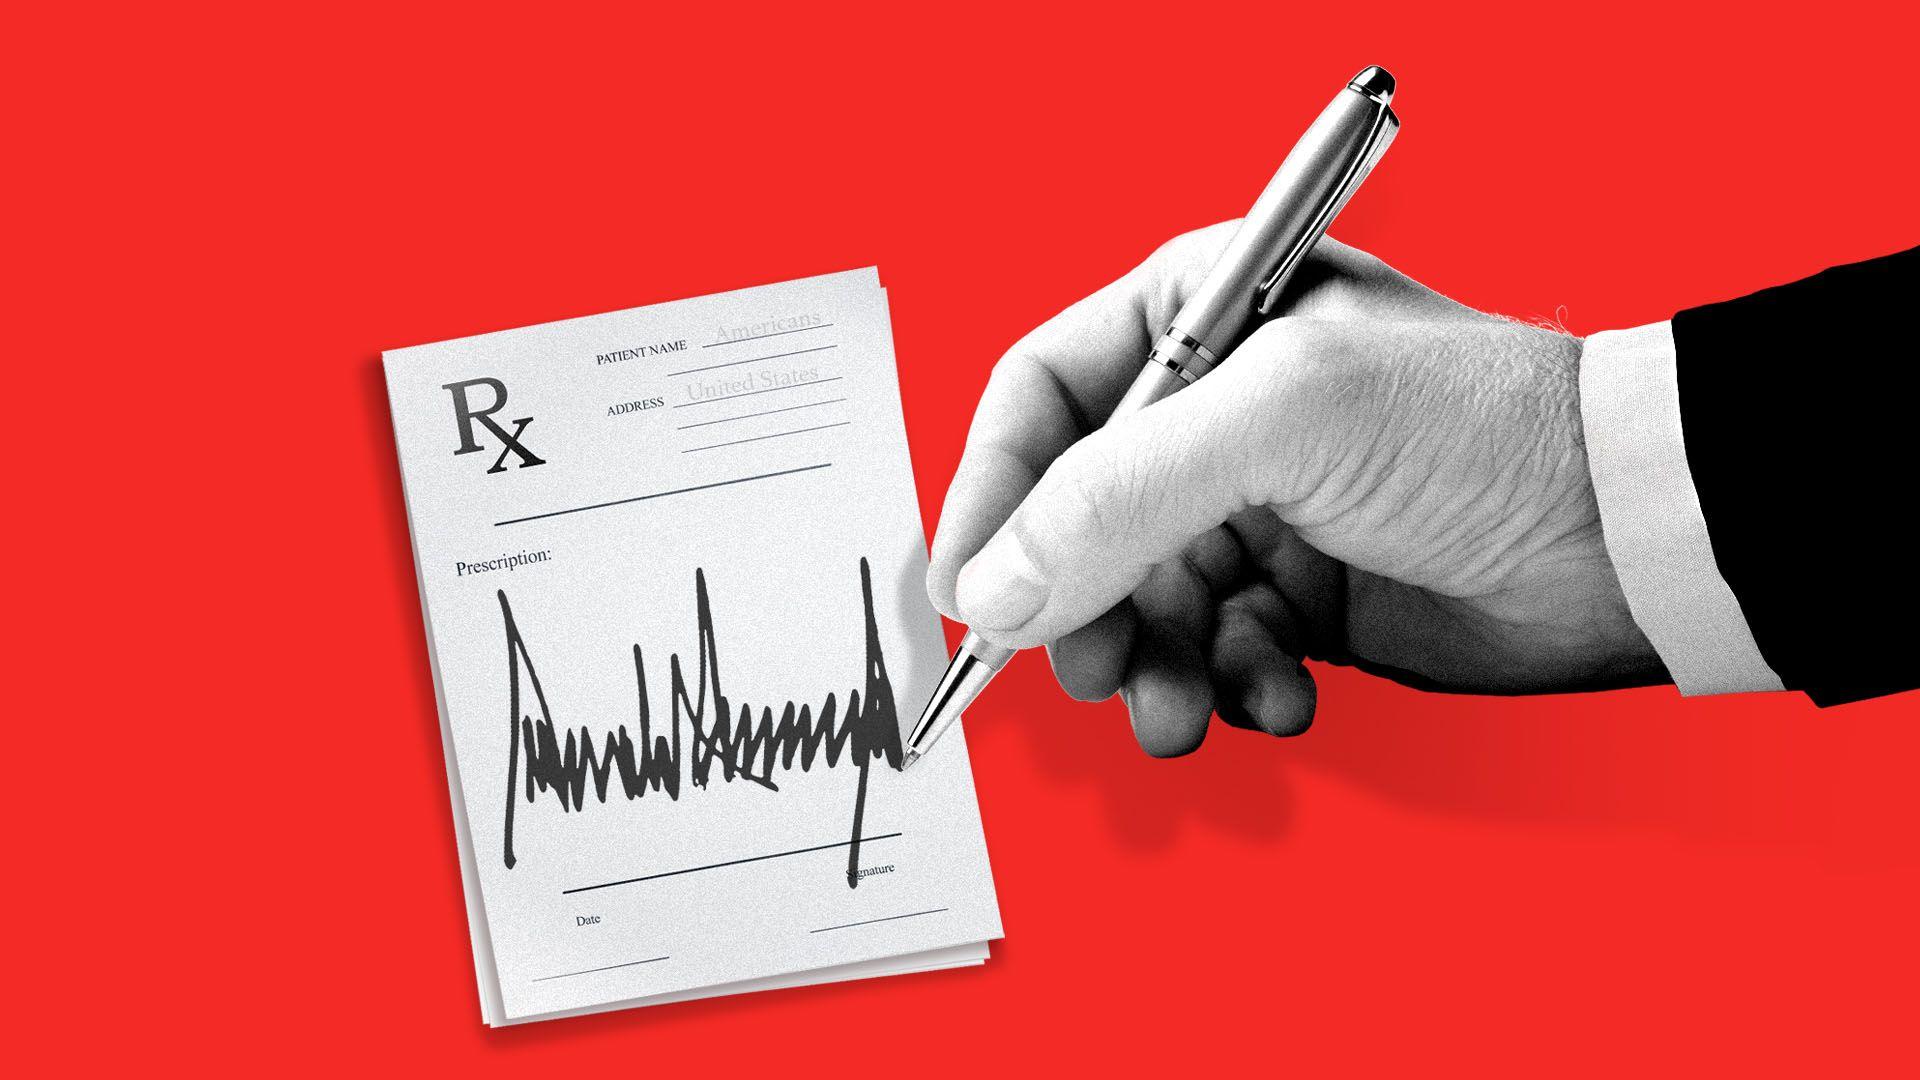 Illustration of President Trump signing a prescription script